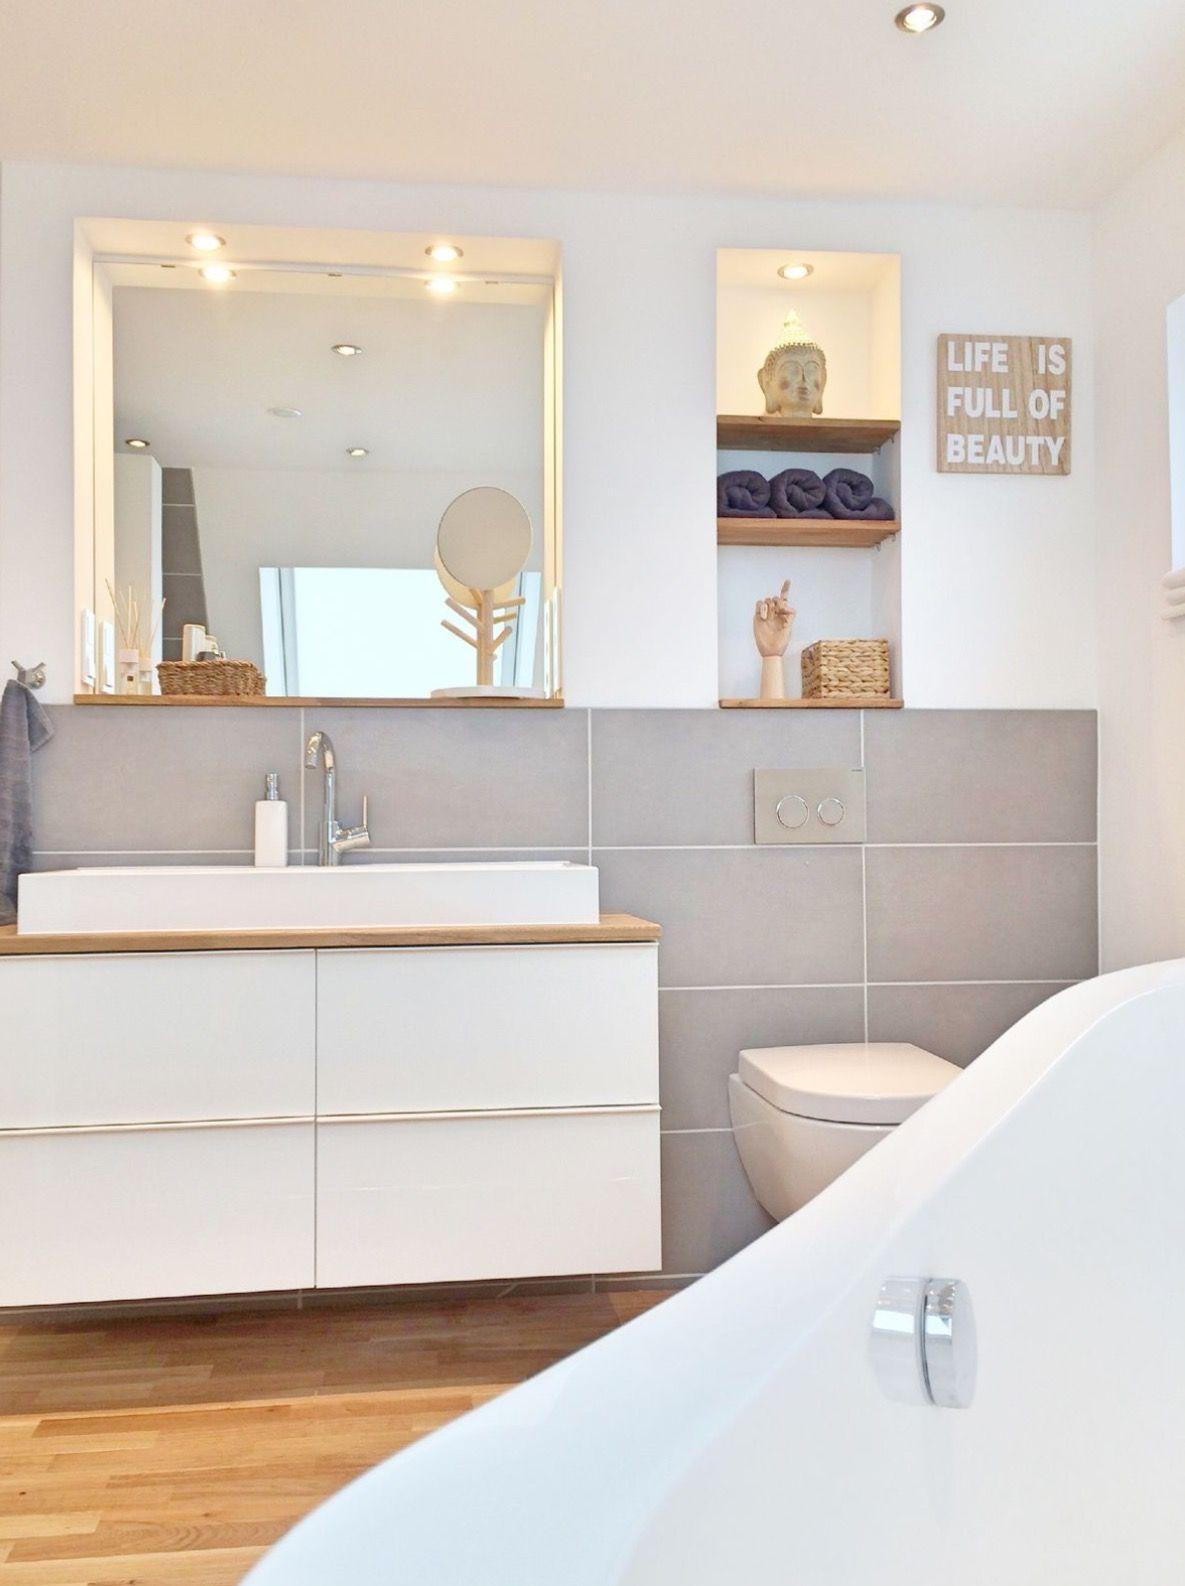 Pin von Mara HarderBerger auf Badezimmer  Pinterest  Badezimmer